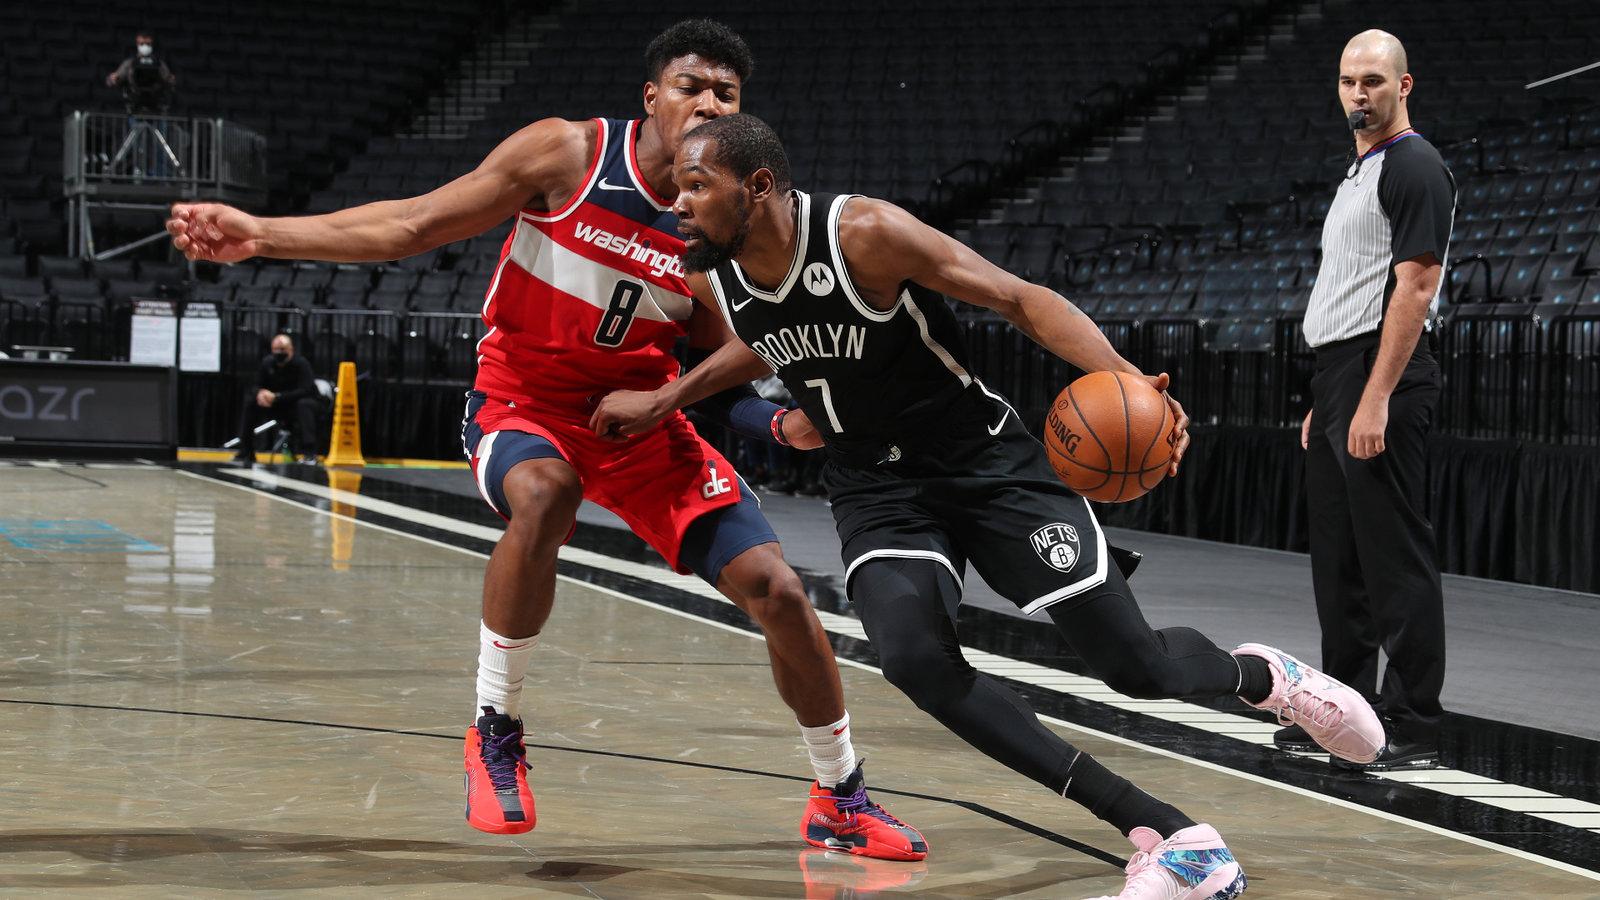 Durant vuelve a entrenar con Nets y espera jugar frente a Warriors